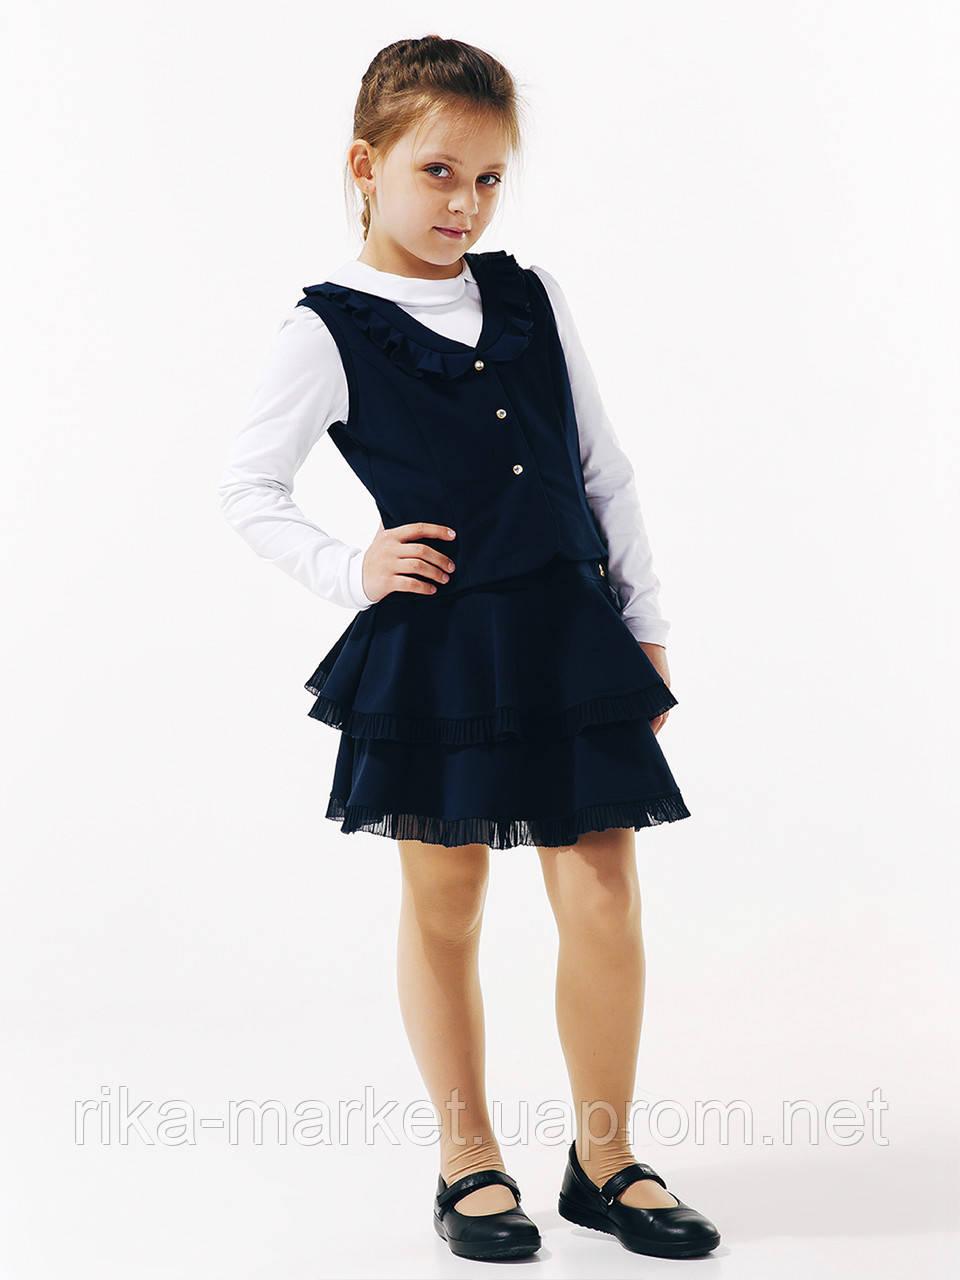 Классический жилет для девочки, ТМ Смил, 116402, возраст 11 - 12 лет